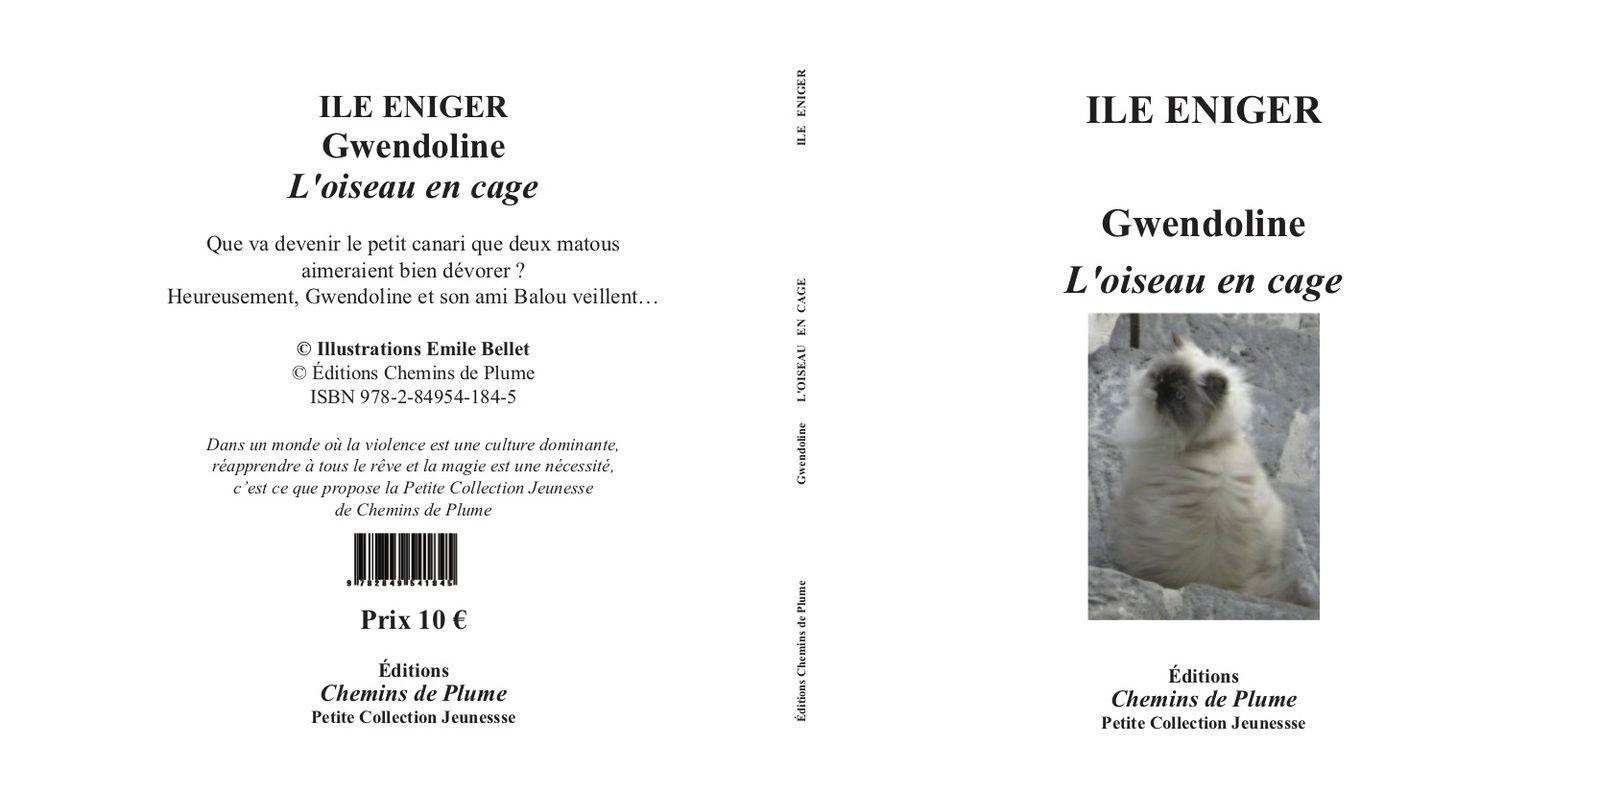 Gwendoline, l'oiseau en cage - Ile Eniger - Dessins Émile Bellet - Éditions Chemins de Plume Jeunesse - Prix (10 € + 1 € participation frais de port) : 11 €0 euros